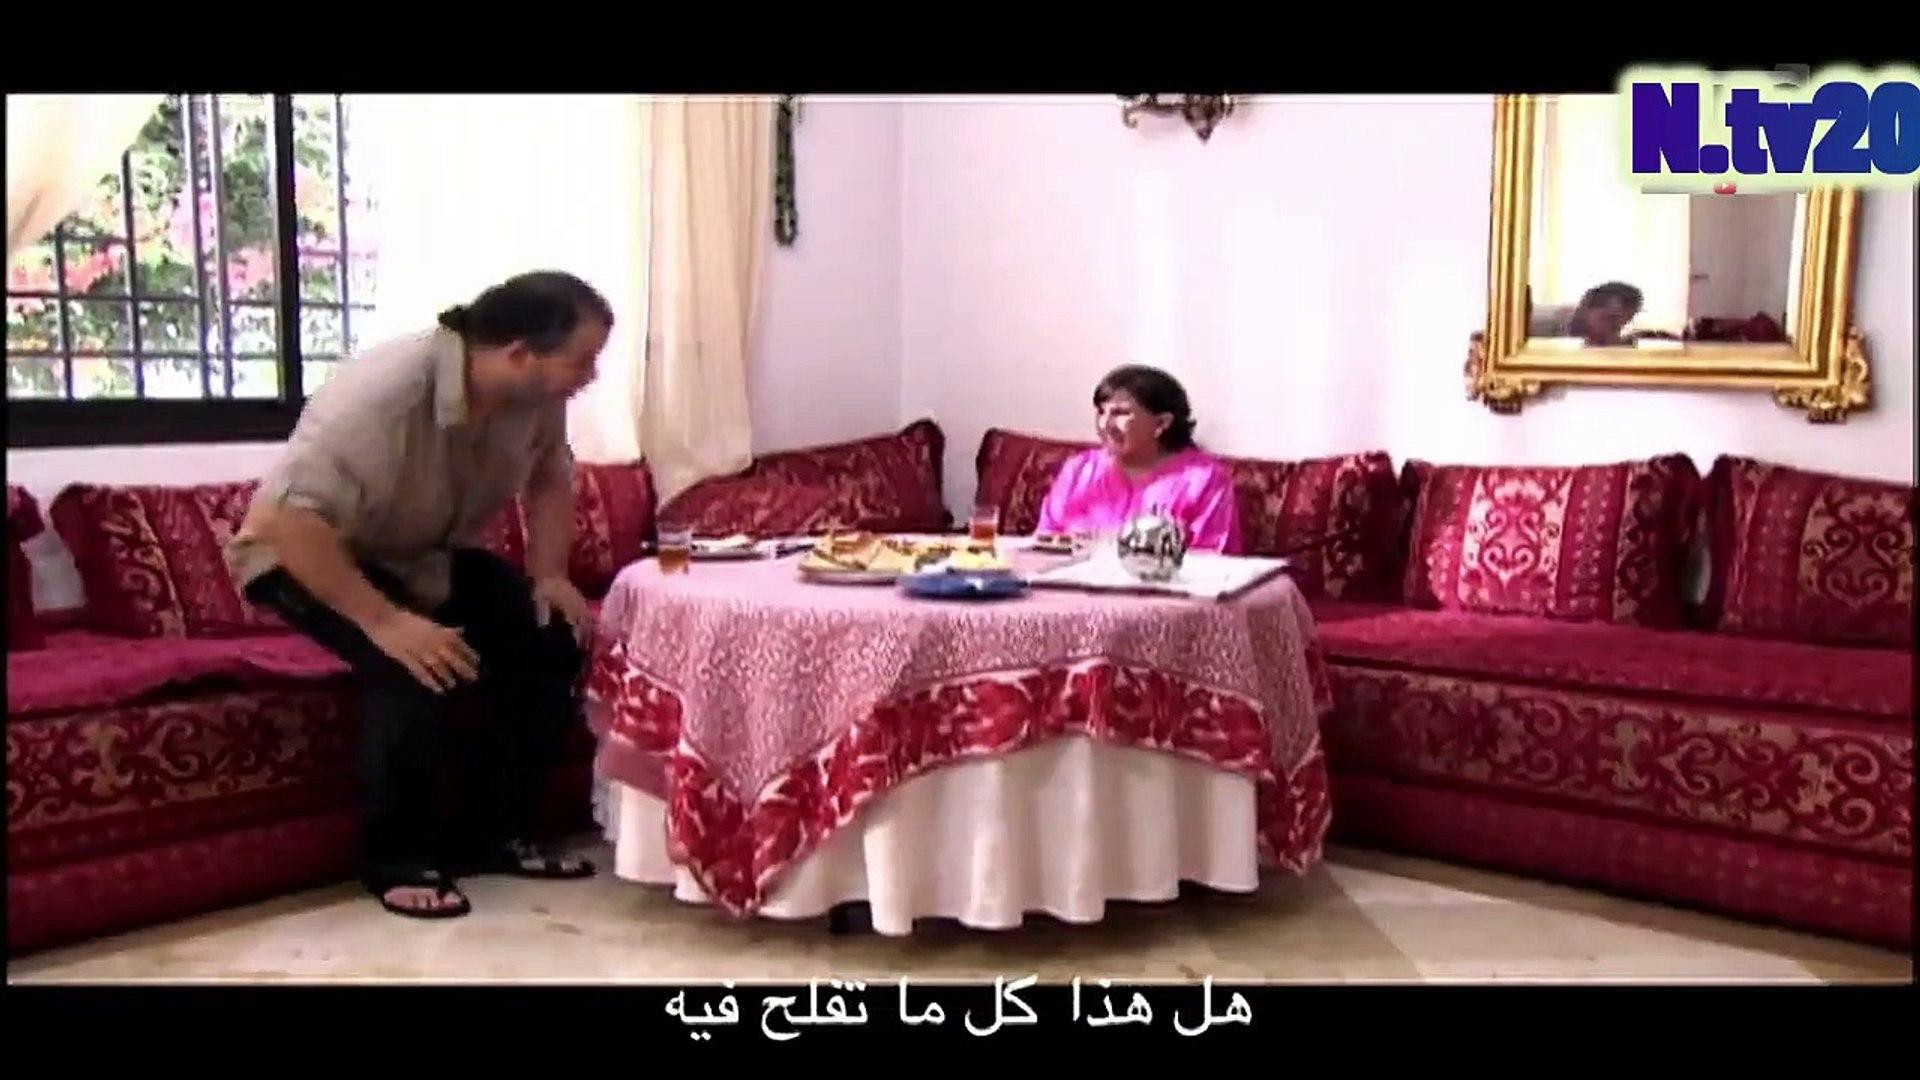 فيلم مغربي بنت الشيخة الحلقة الثانية